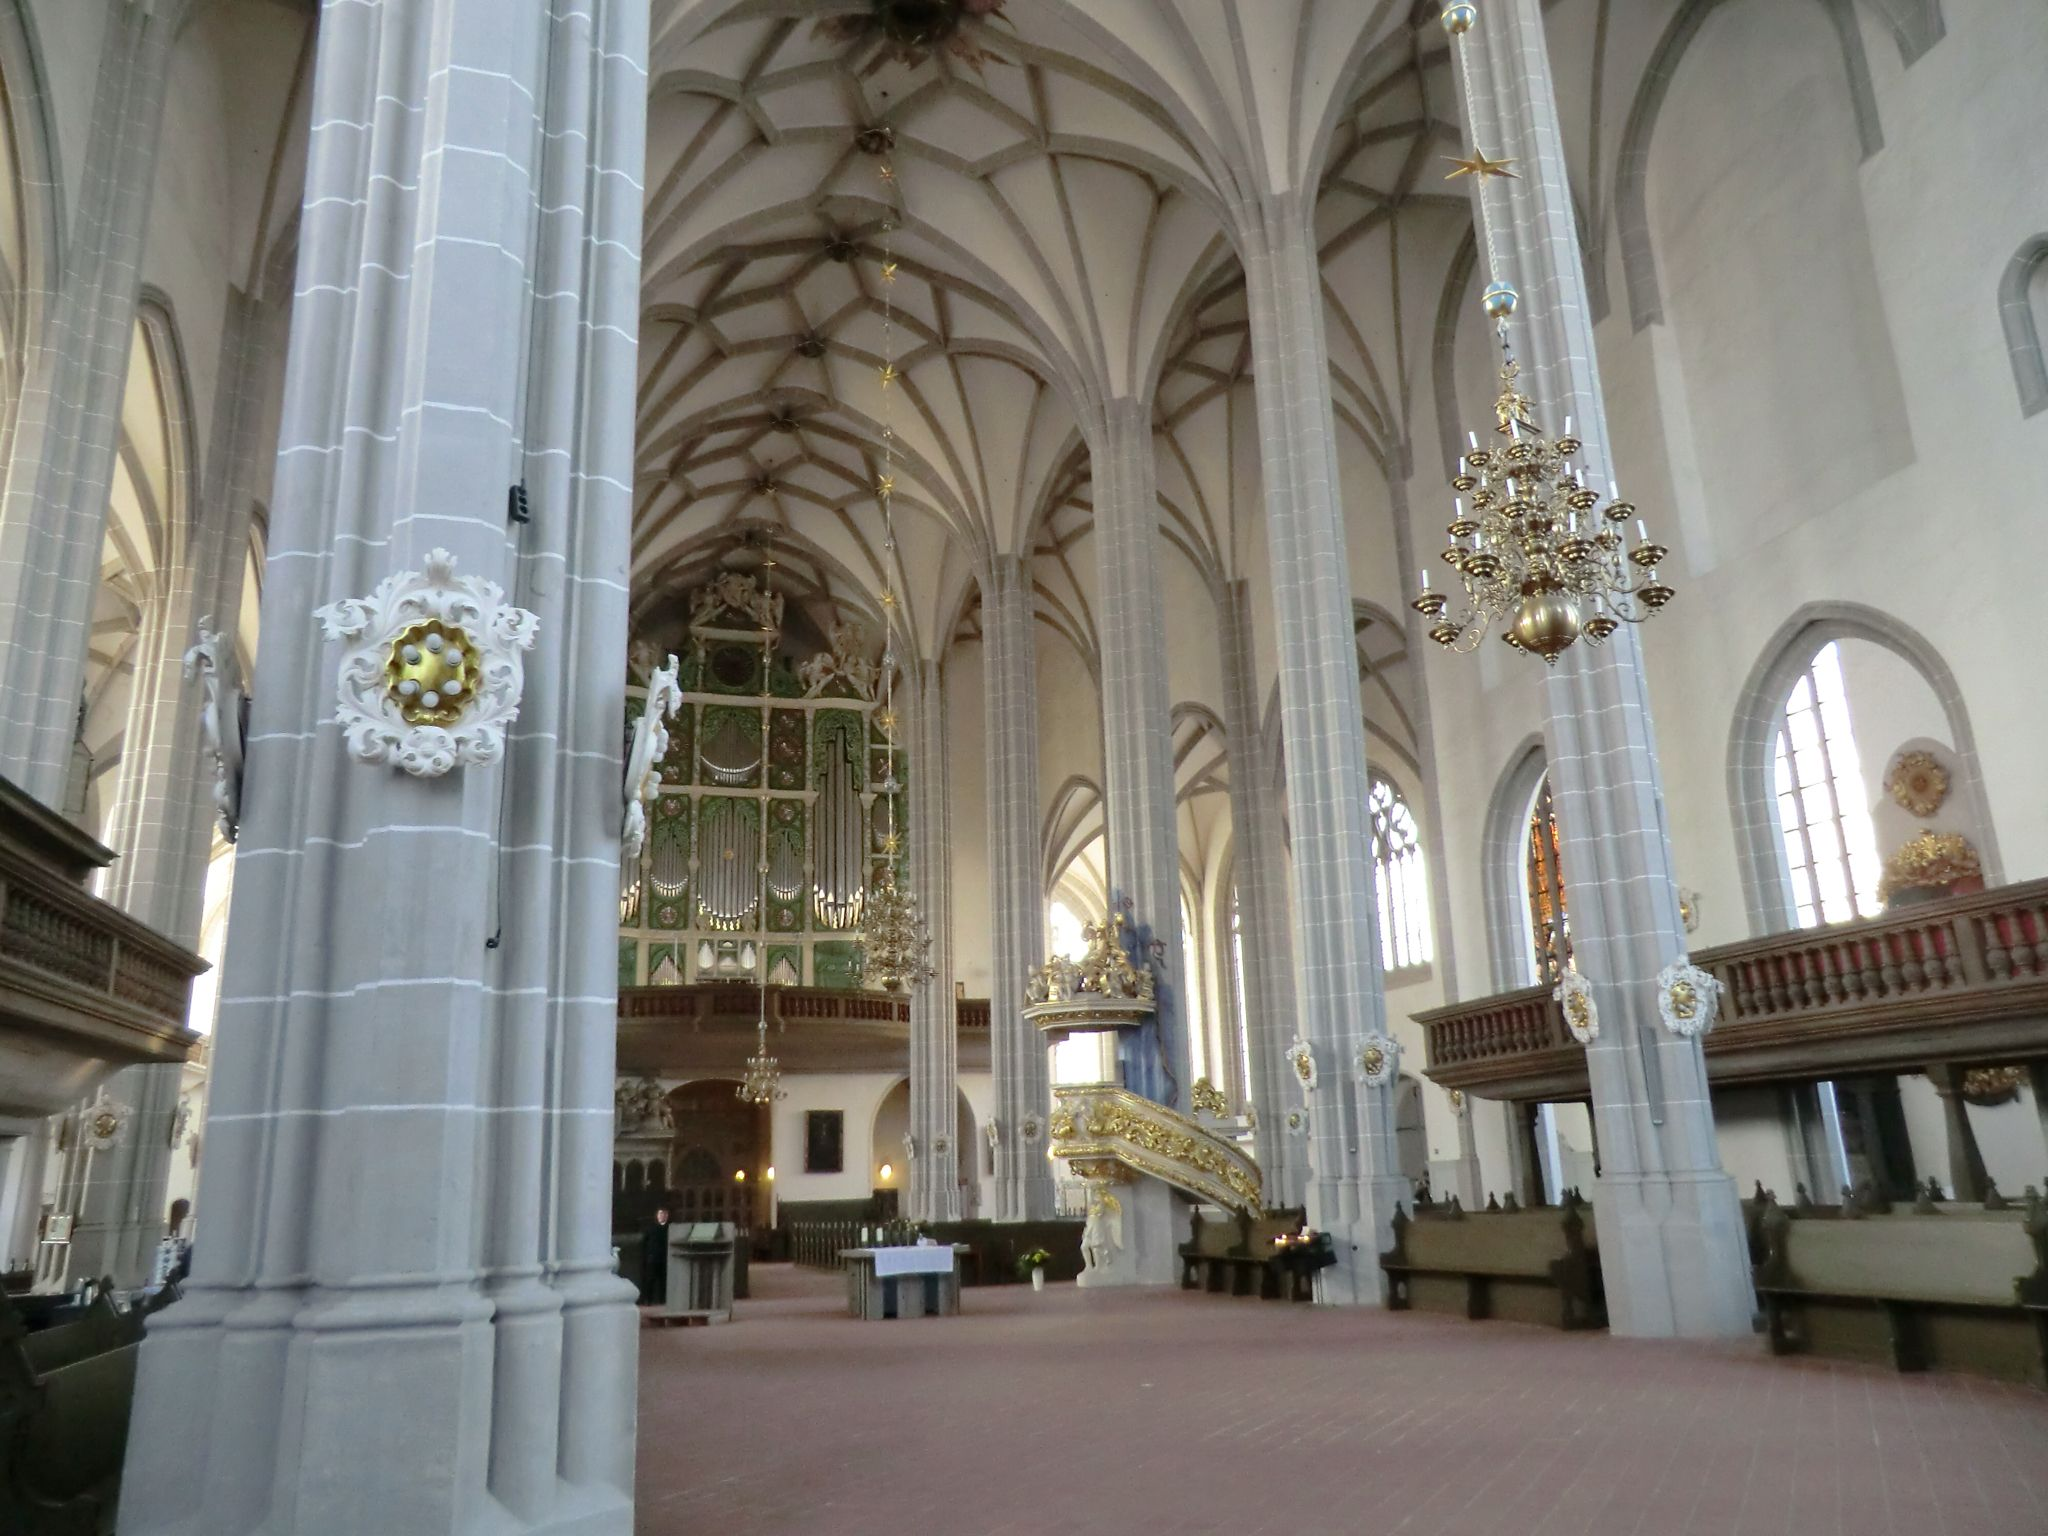 In der Peterskirche in Görlitz Schöne städte deutschland